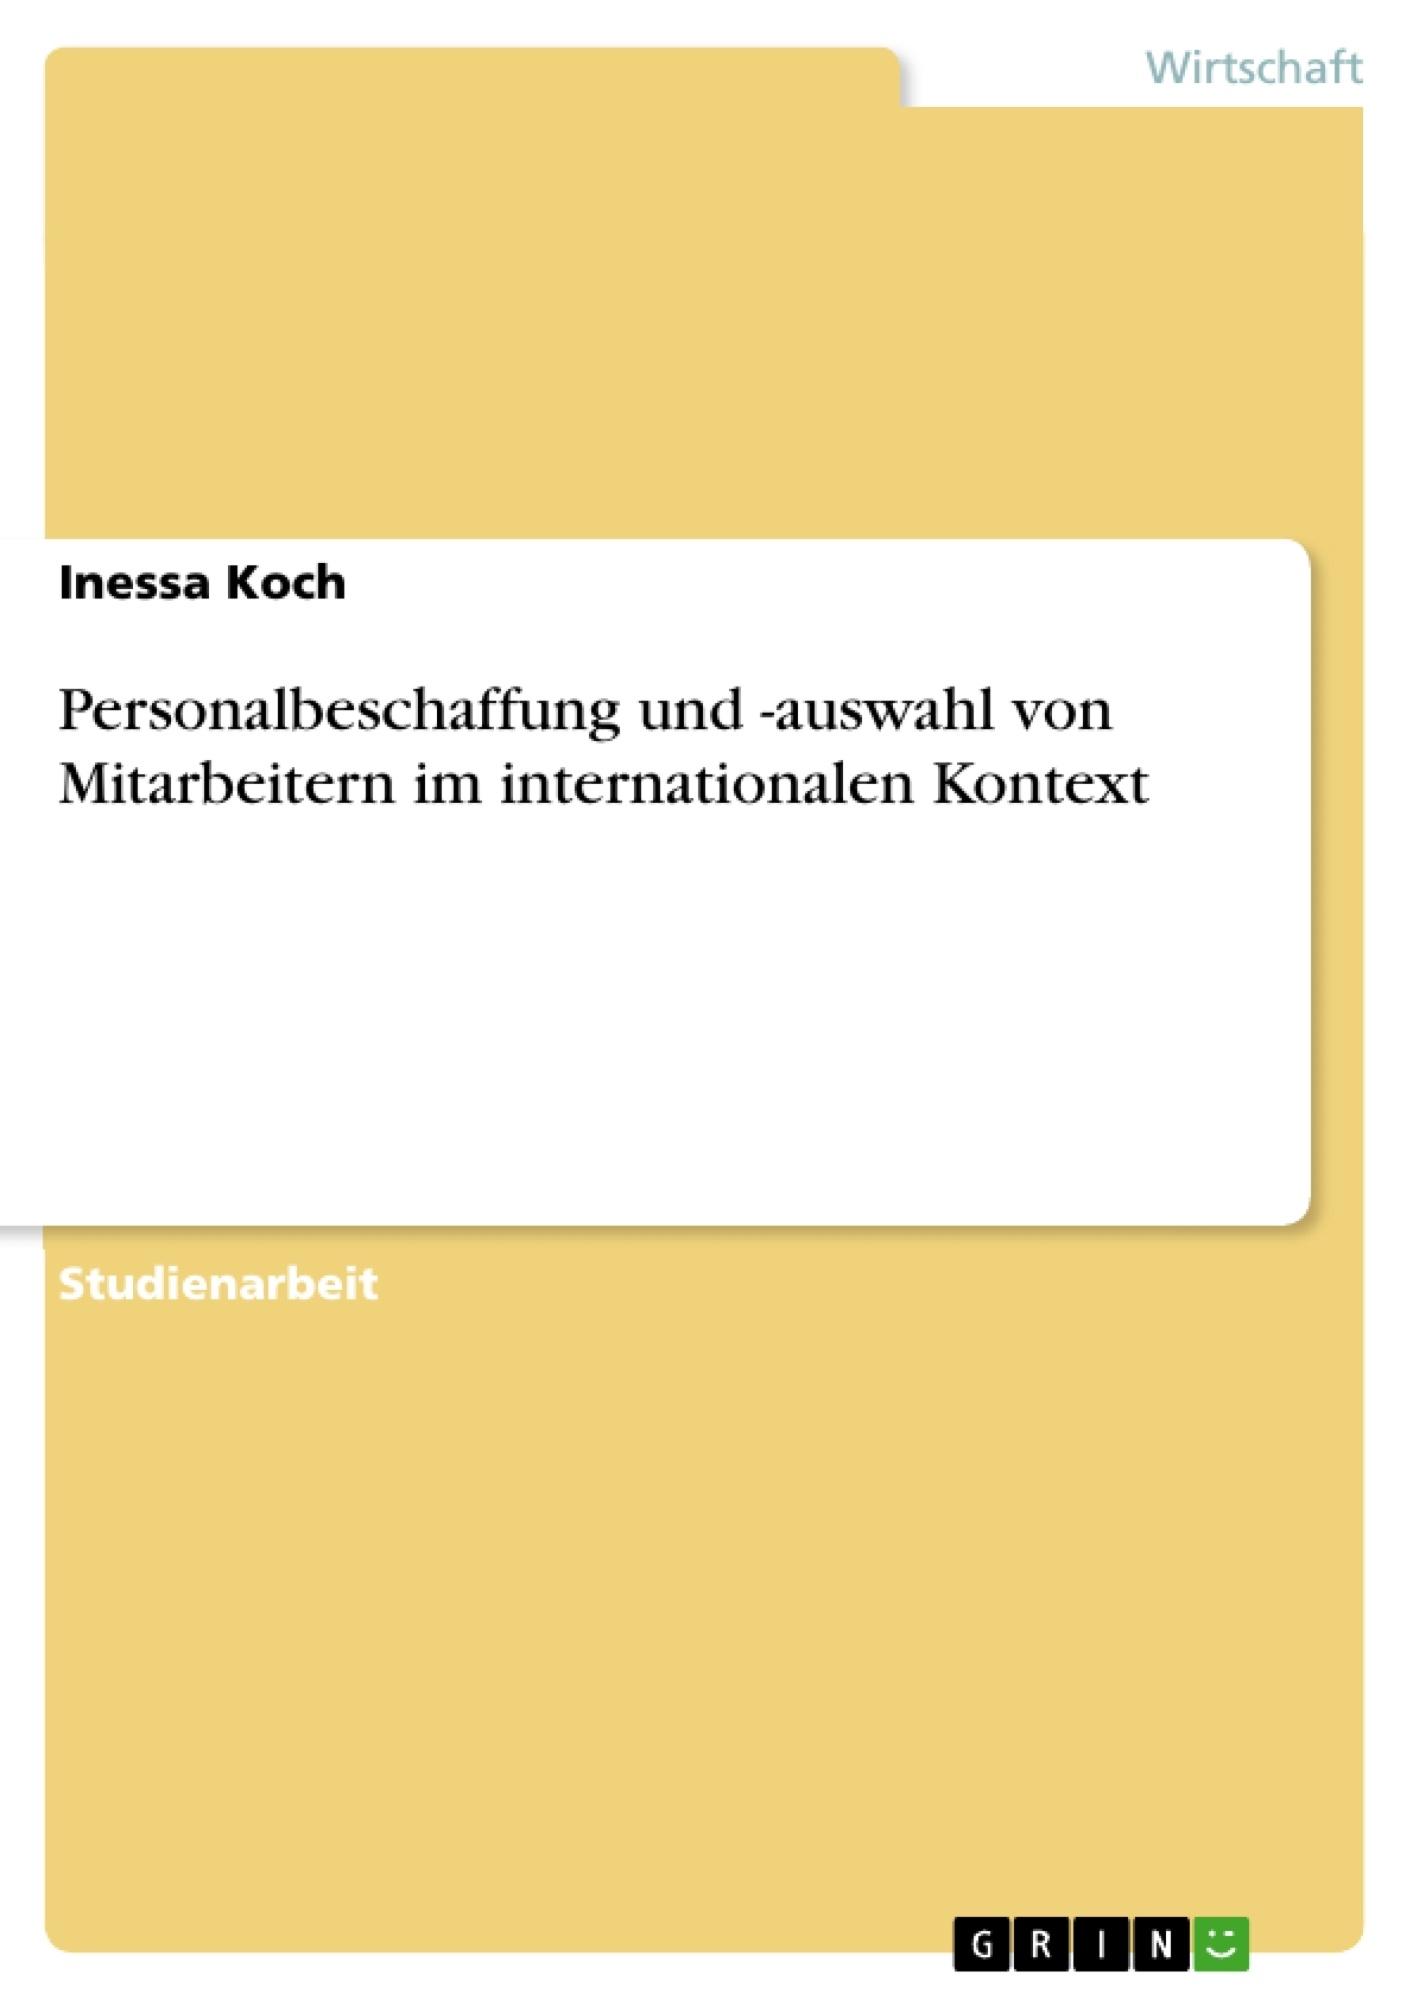 Titel: Personalbeschaffung und -auswahl von Mitarbeitern im internationalen Kontext